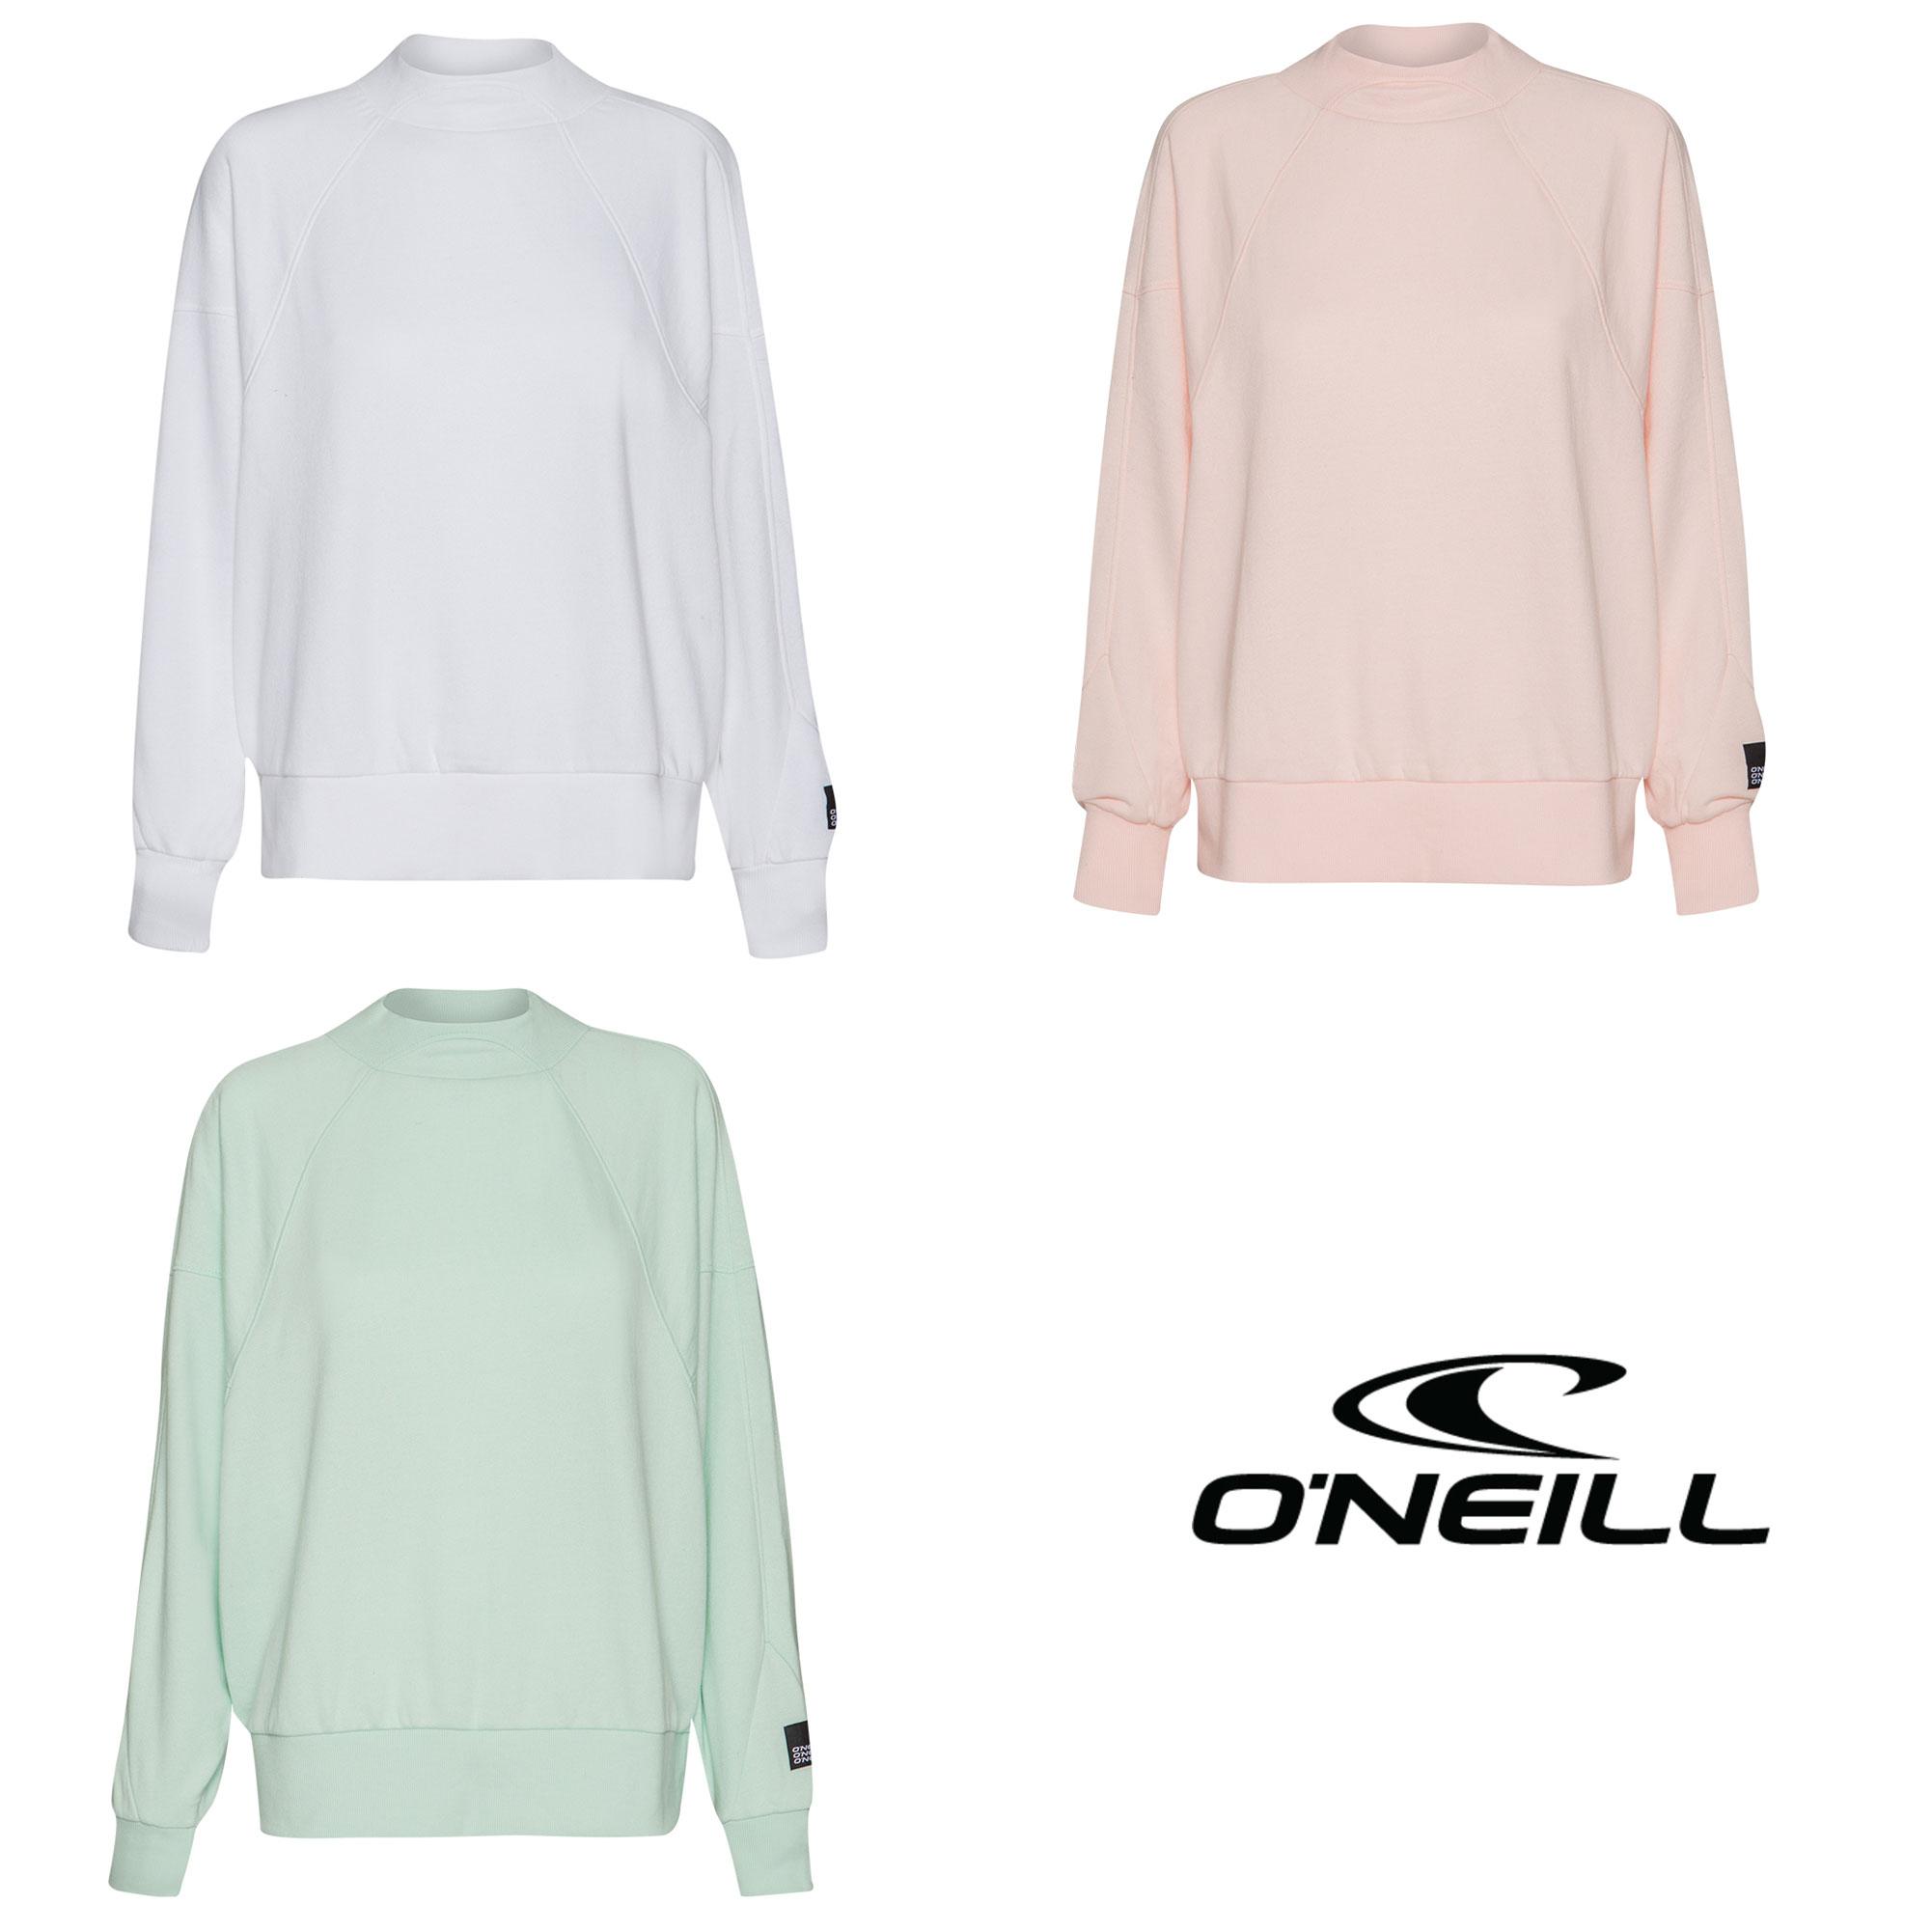 O'Neill oversized dames sweatshirt · 3 kleuren · XS t/m L